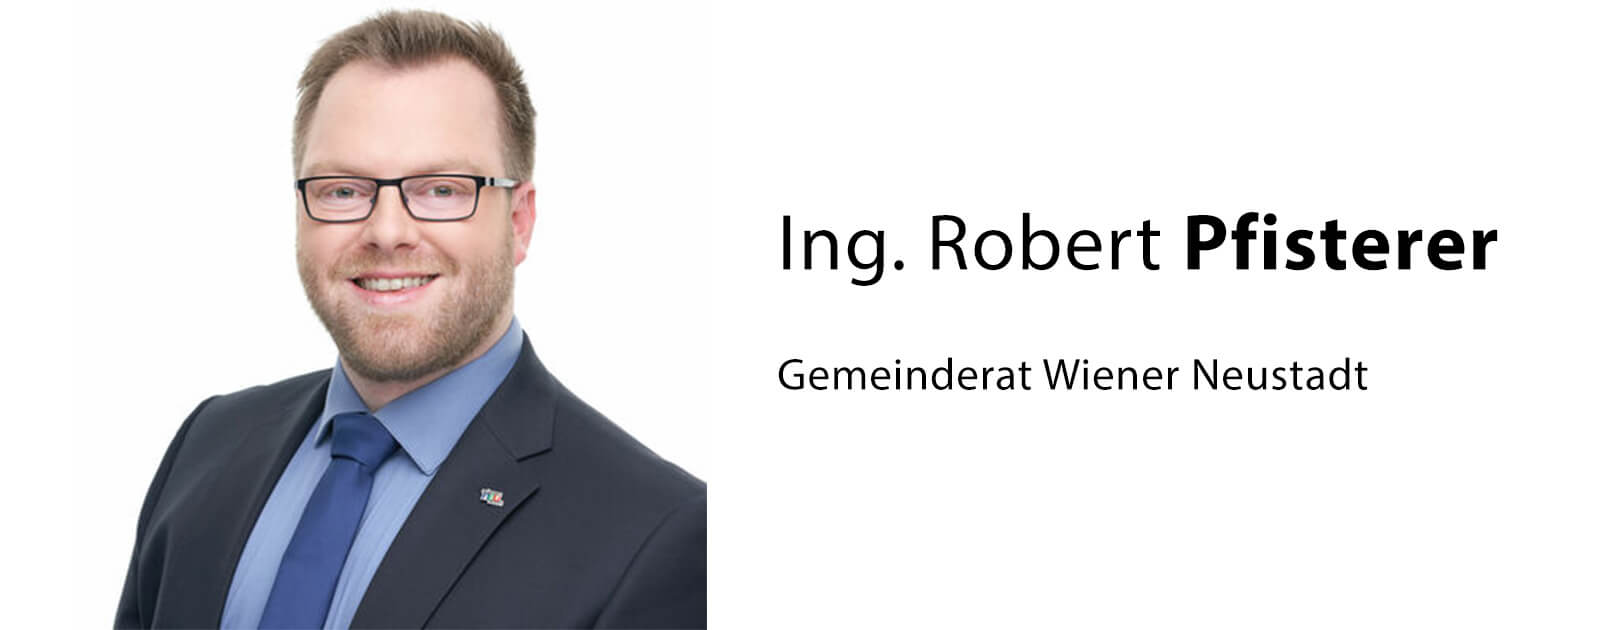 robert-pfisterer